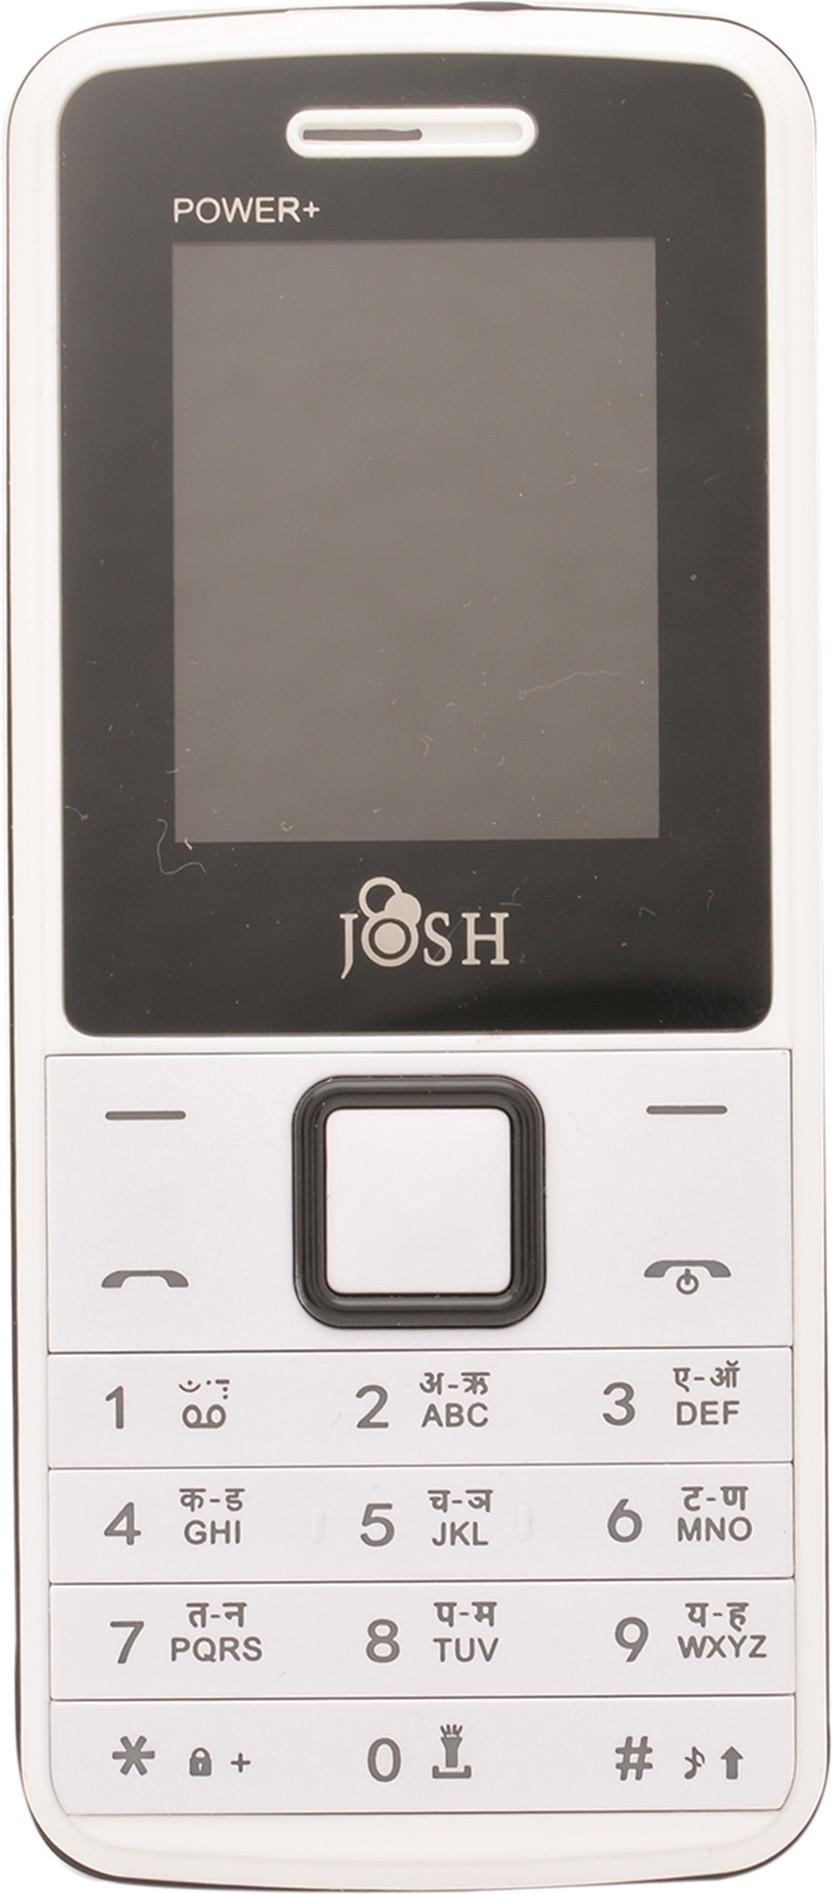 Josh Power+(White)